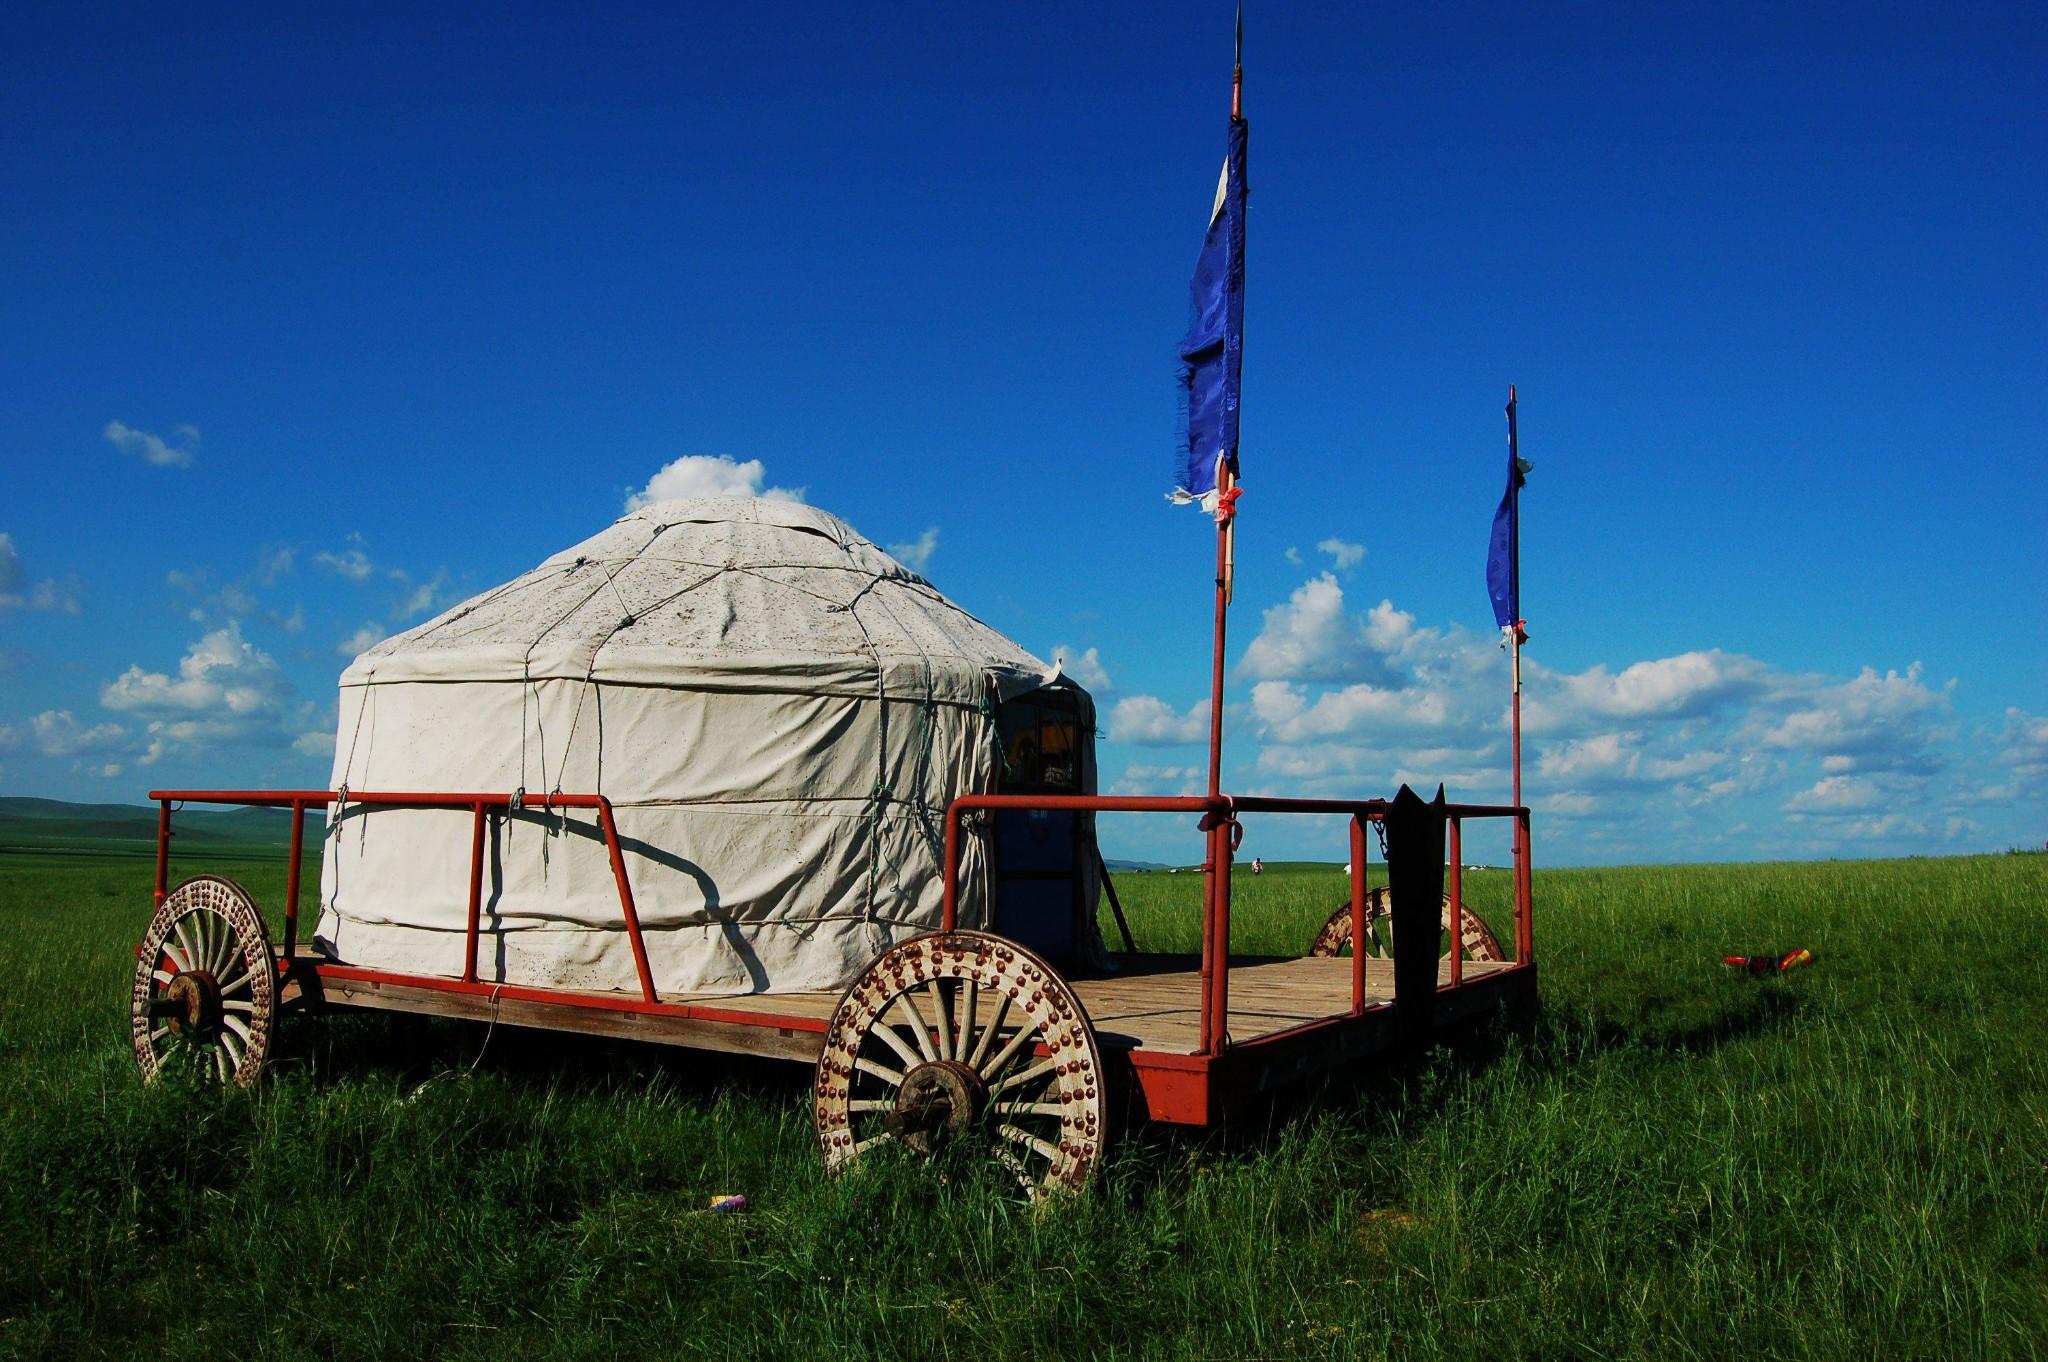 梦之旅—呼伦贝尔大草原 记我的毕业旅行——呼伦贝尔大草原6日行